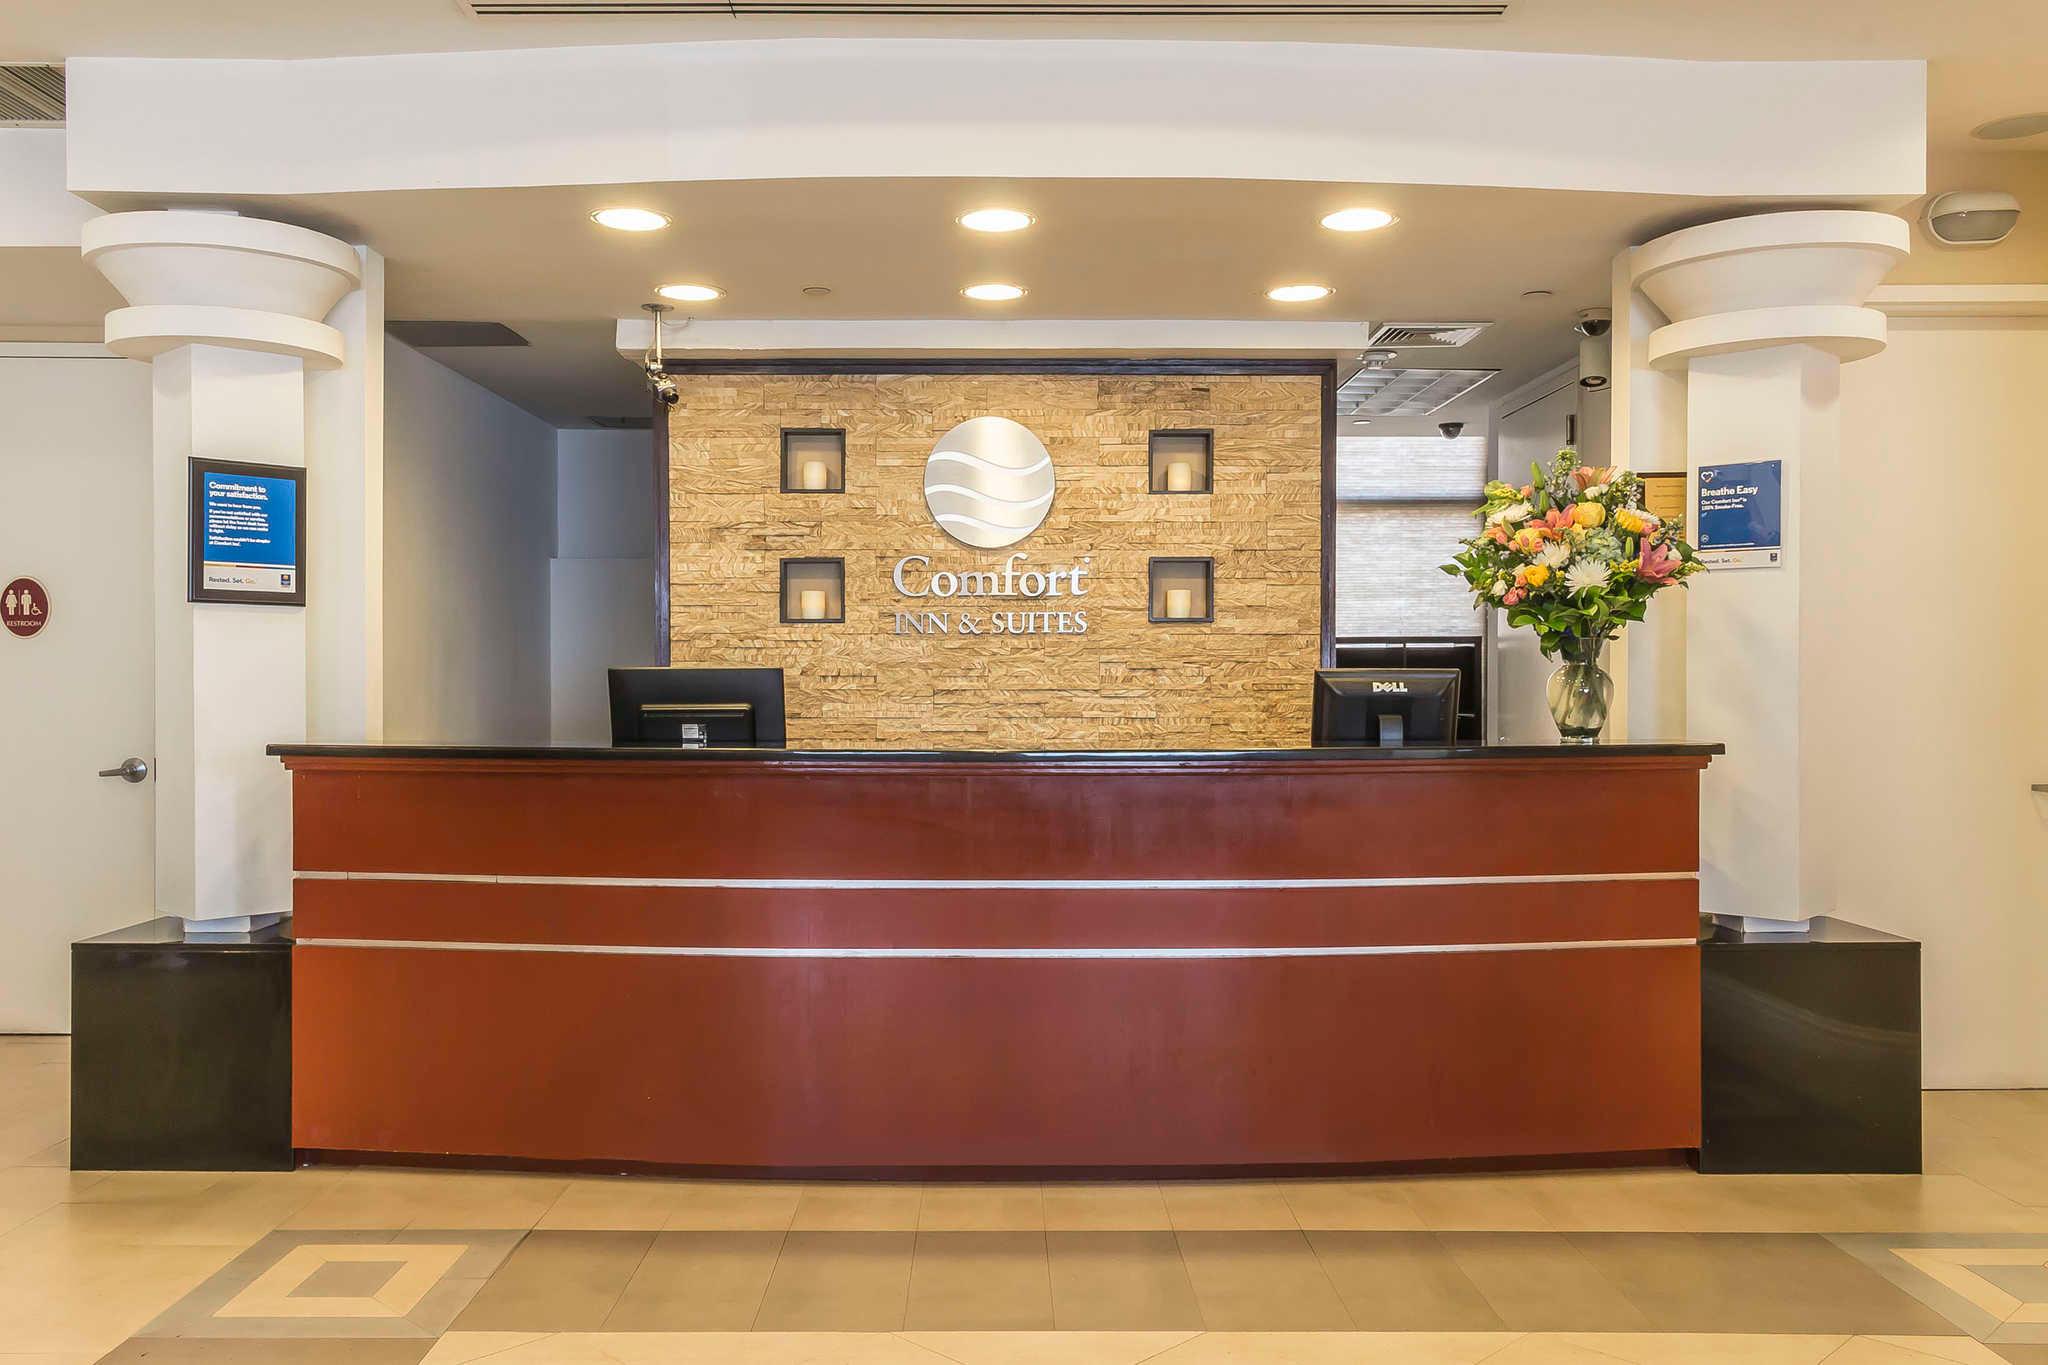 Comfort Inn Amp Suites Laguardia Airport Maspeth New York